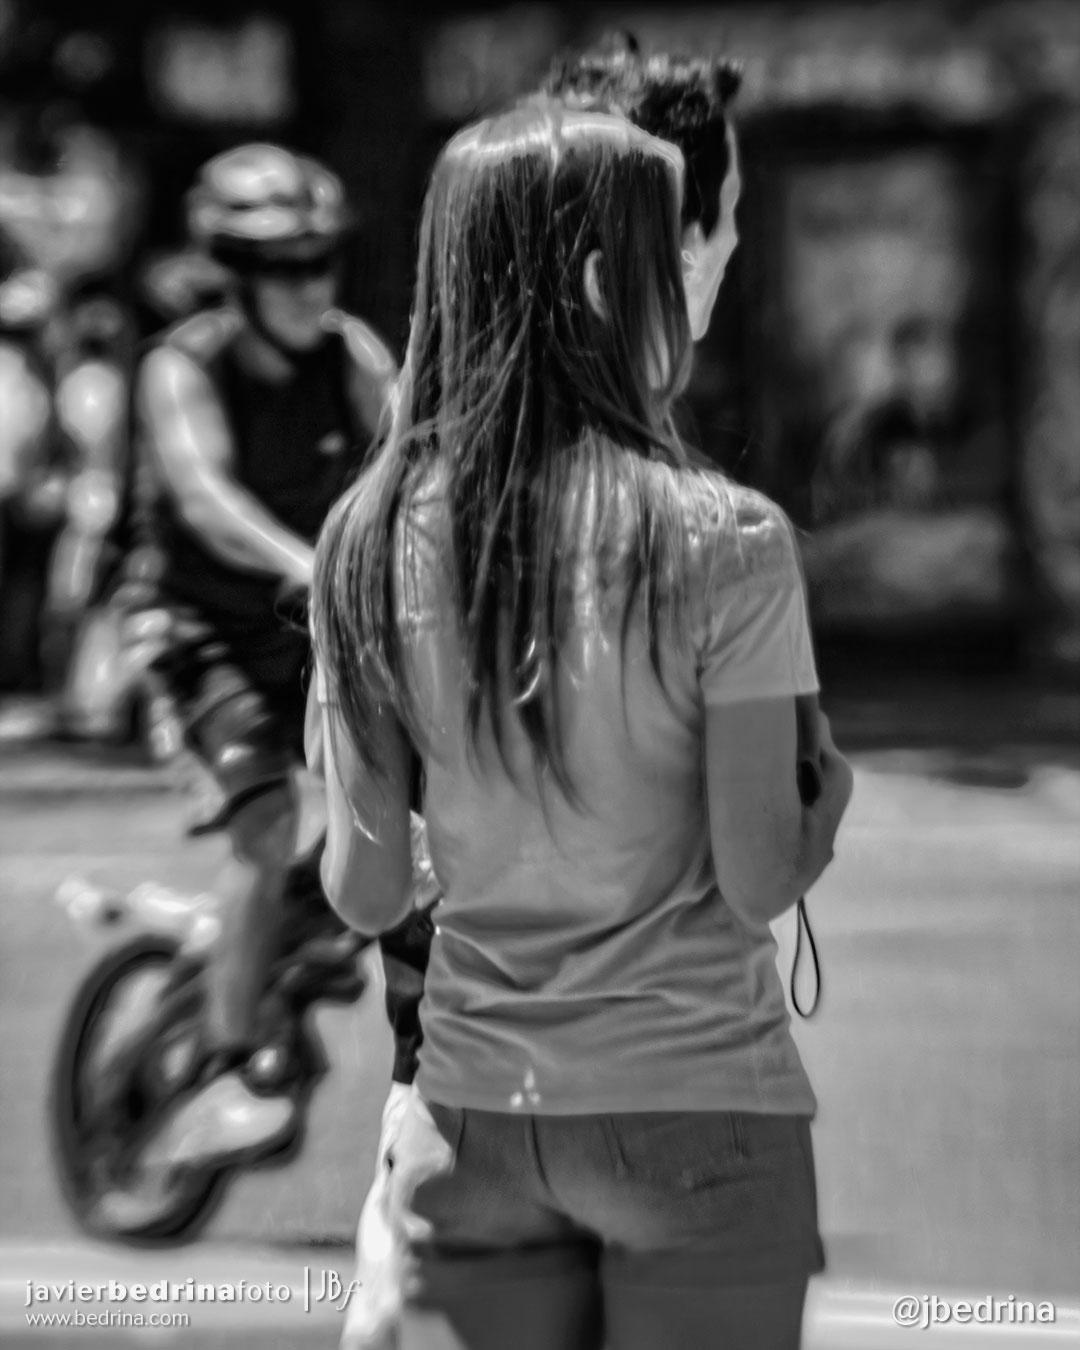 Chica de espaldas con cliclista